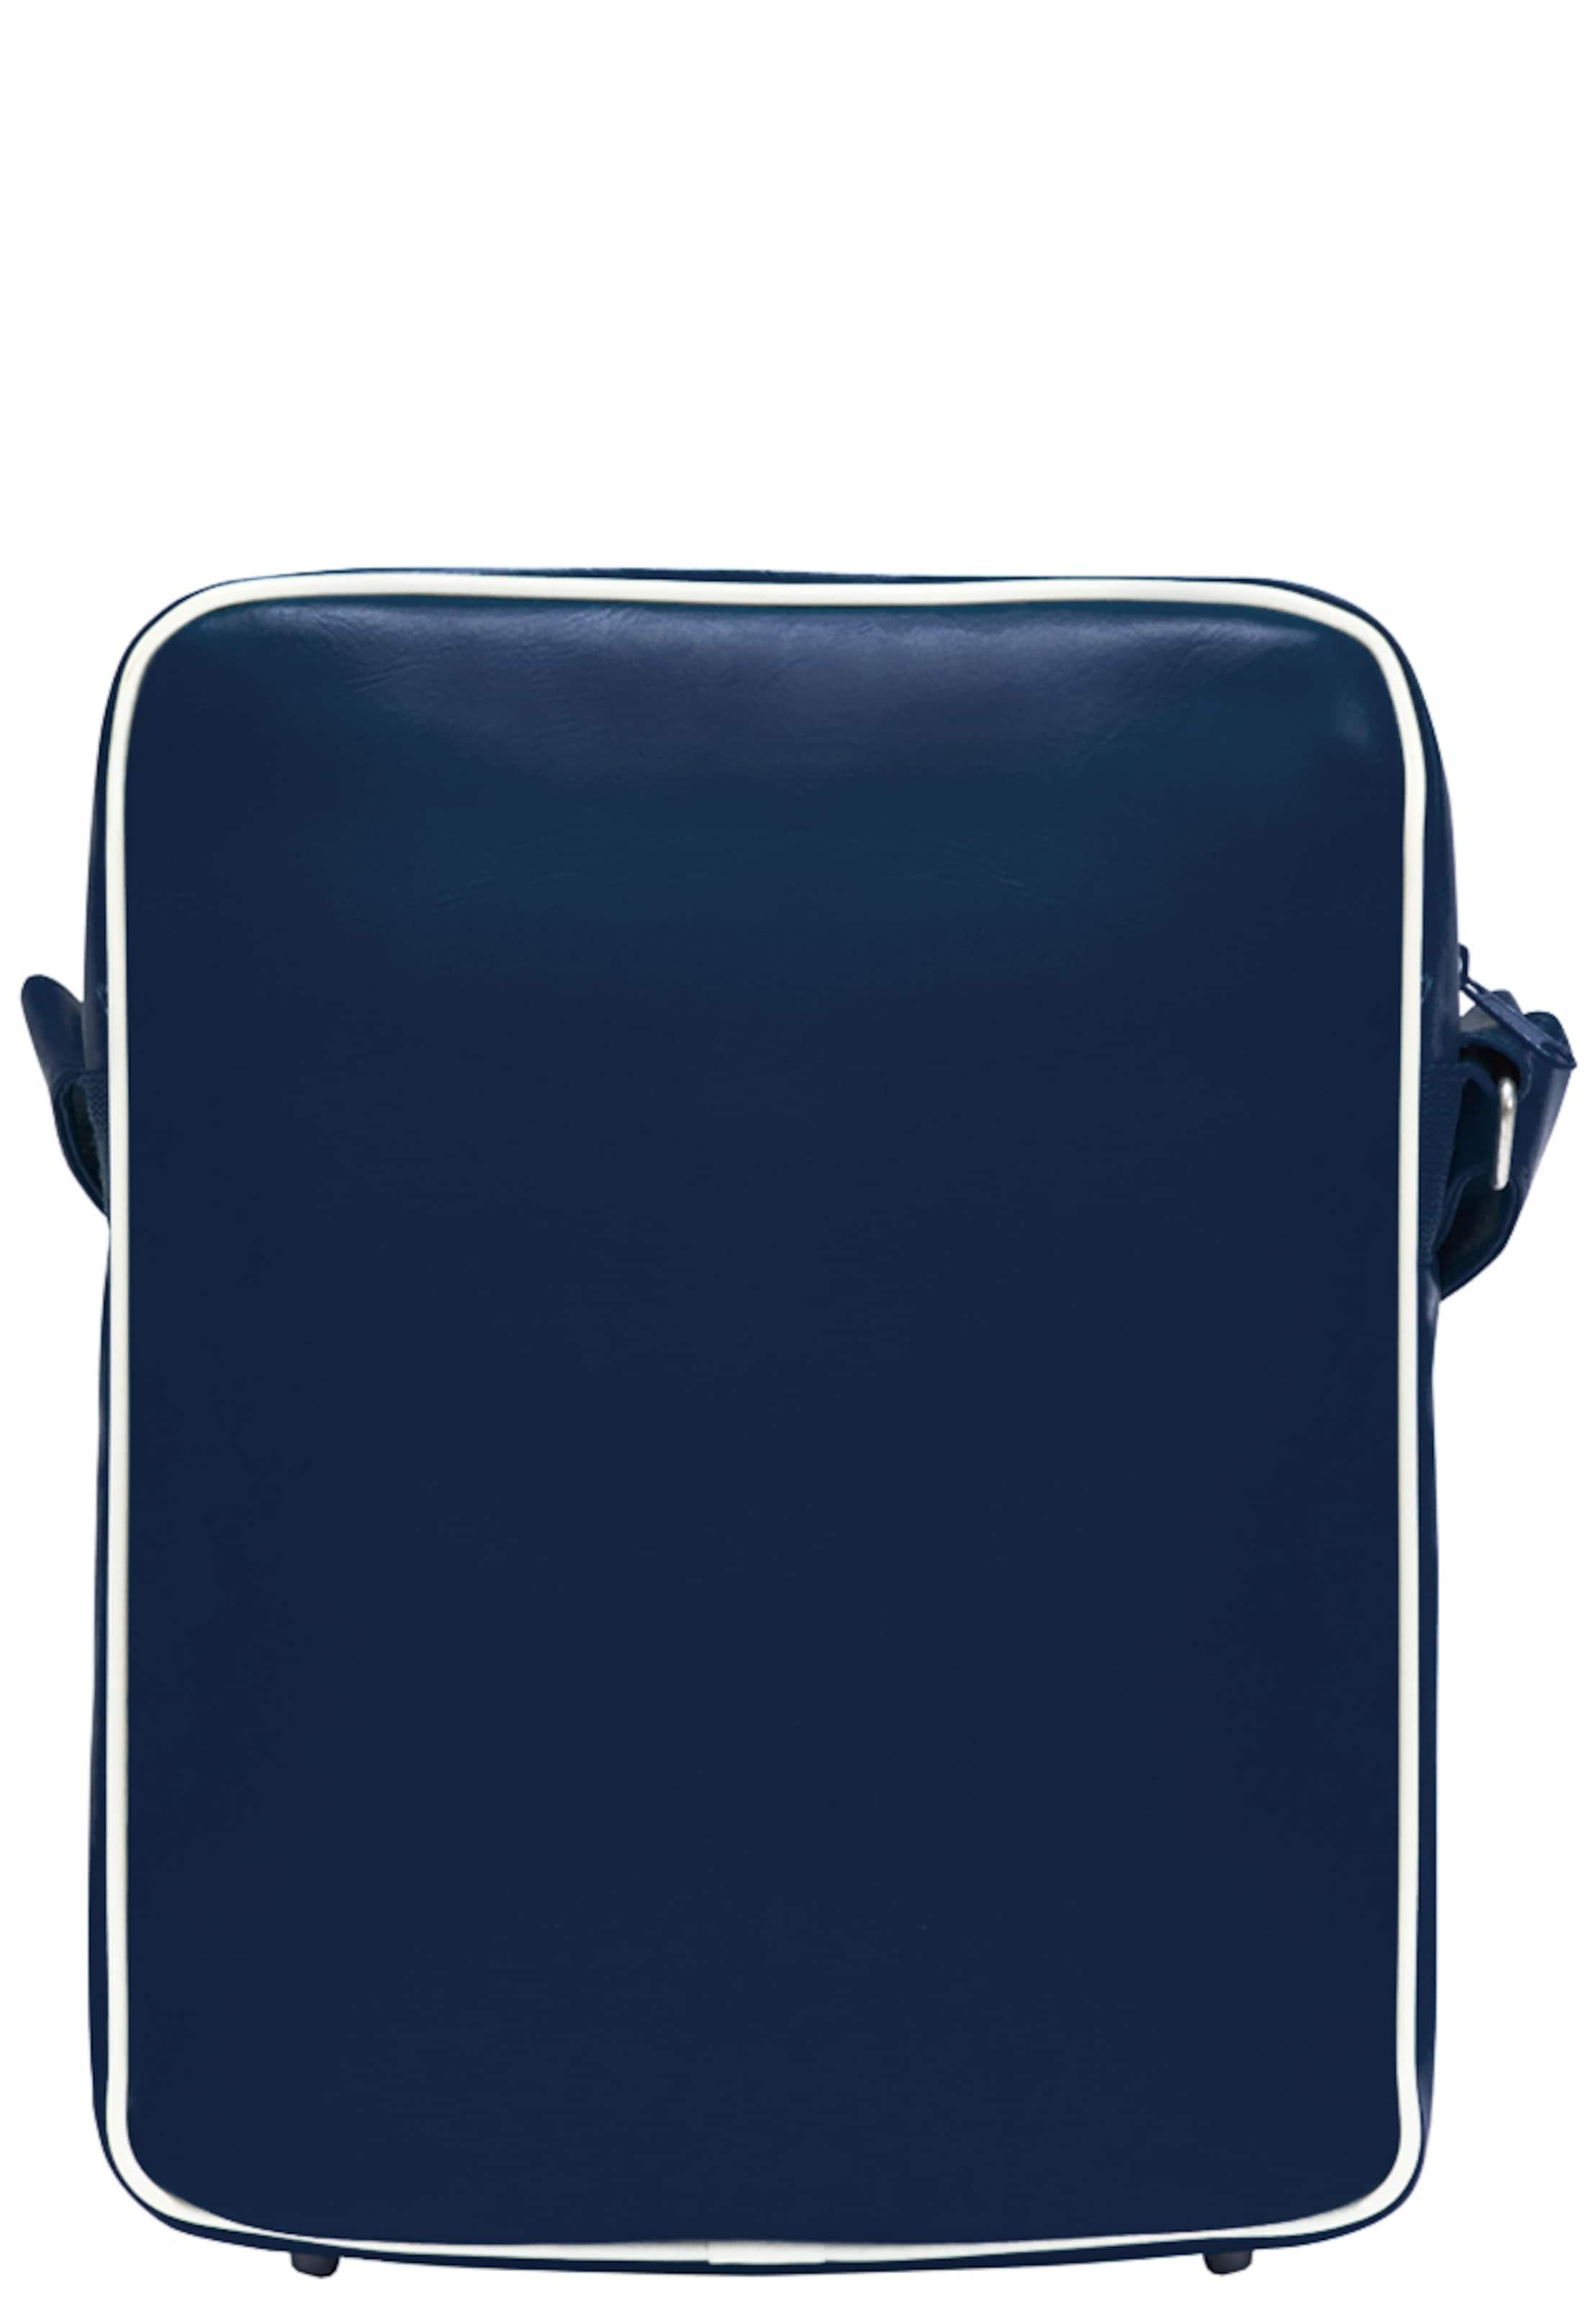 LOGOSHIRT Tasche 'Pan American World Airways' Ost Veröffentlichungstermine Billig 4DUJQjuN